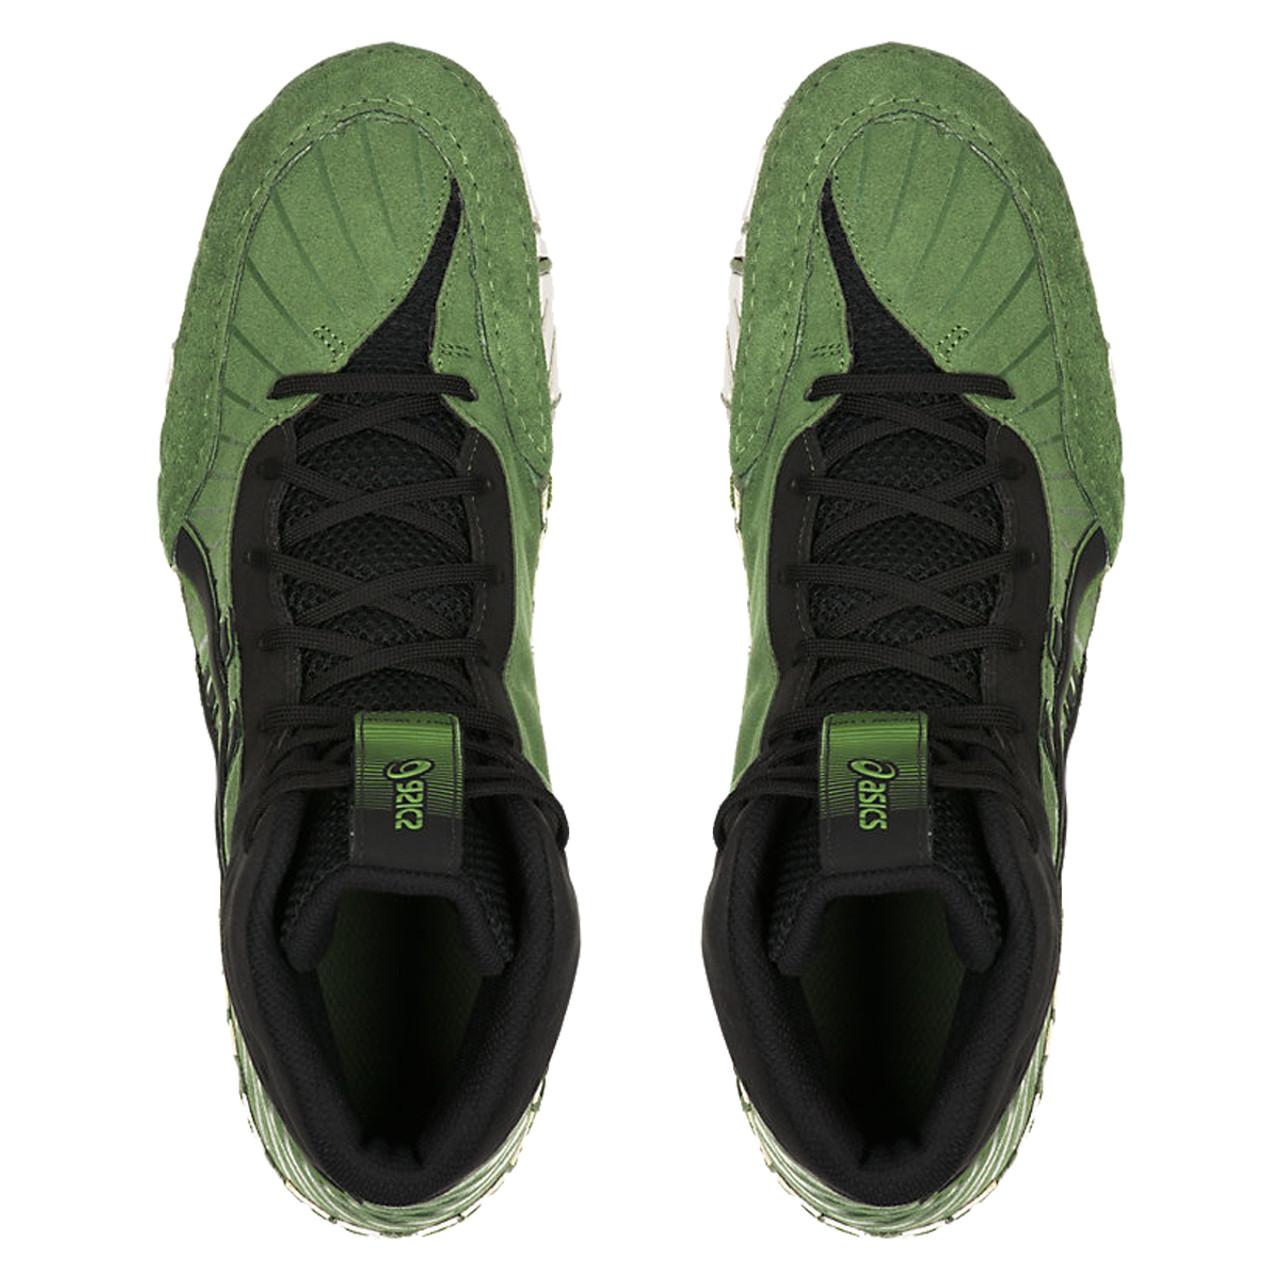 super popular 99100 b7945 ... Asics Aggressor 4 Men s Wrestling Shoes ...